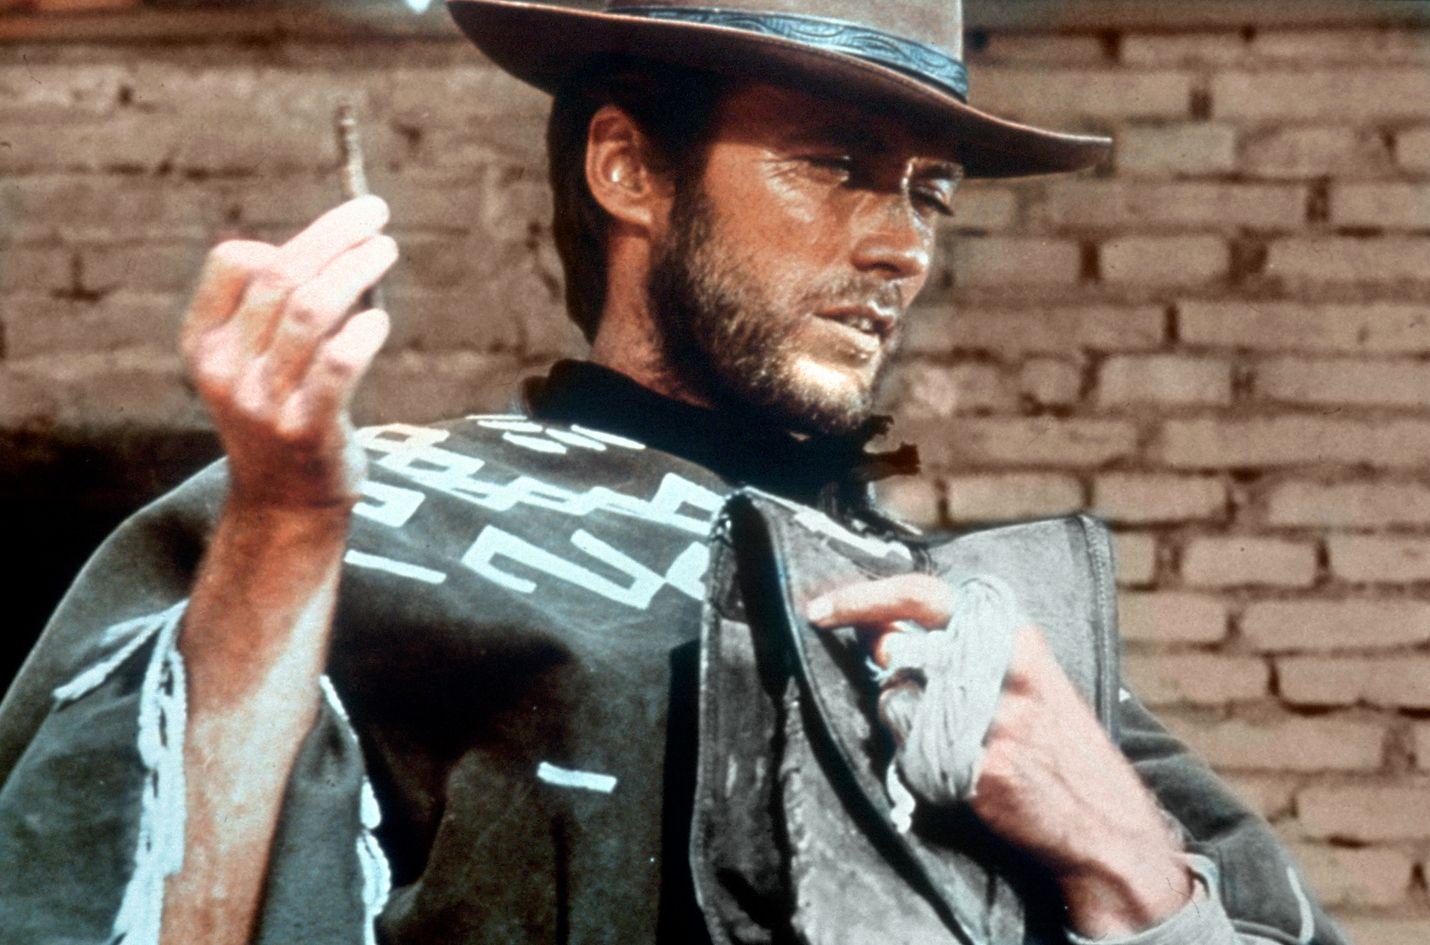 Kourallinen dollareita -länkkärissä Clint Eastwood on muukalainen, joka rauhoittaa levotonta pikkukaupunkia ronskein ottein.